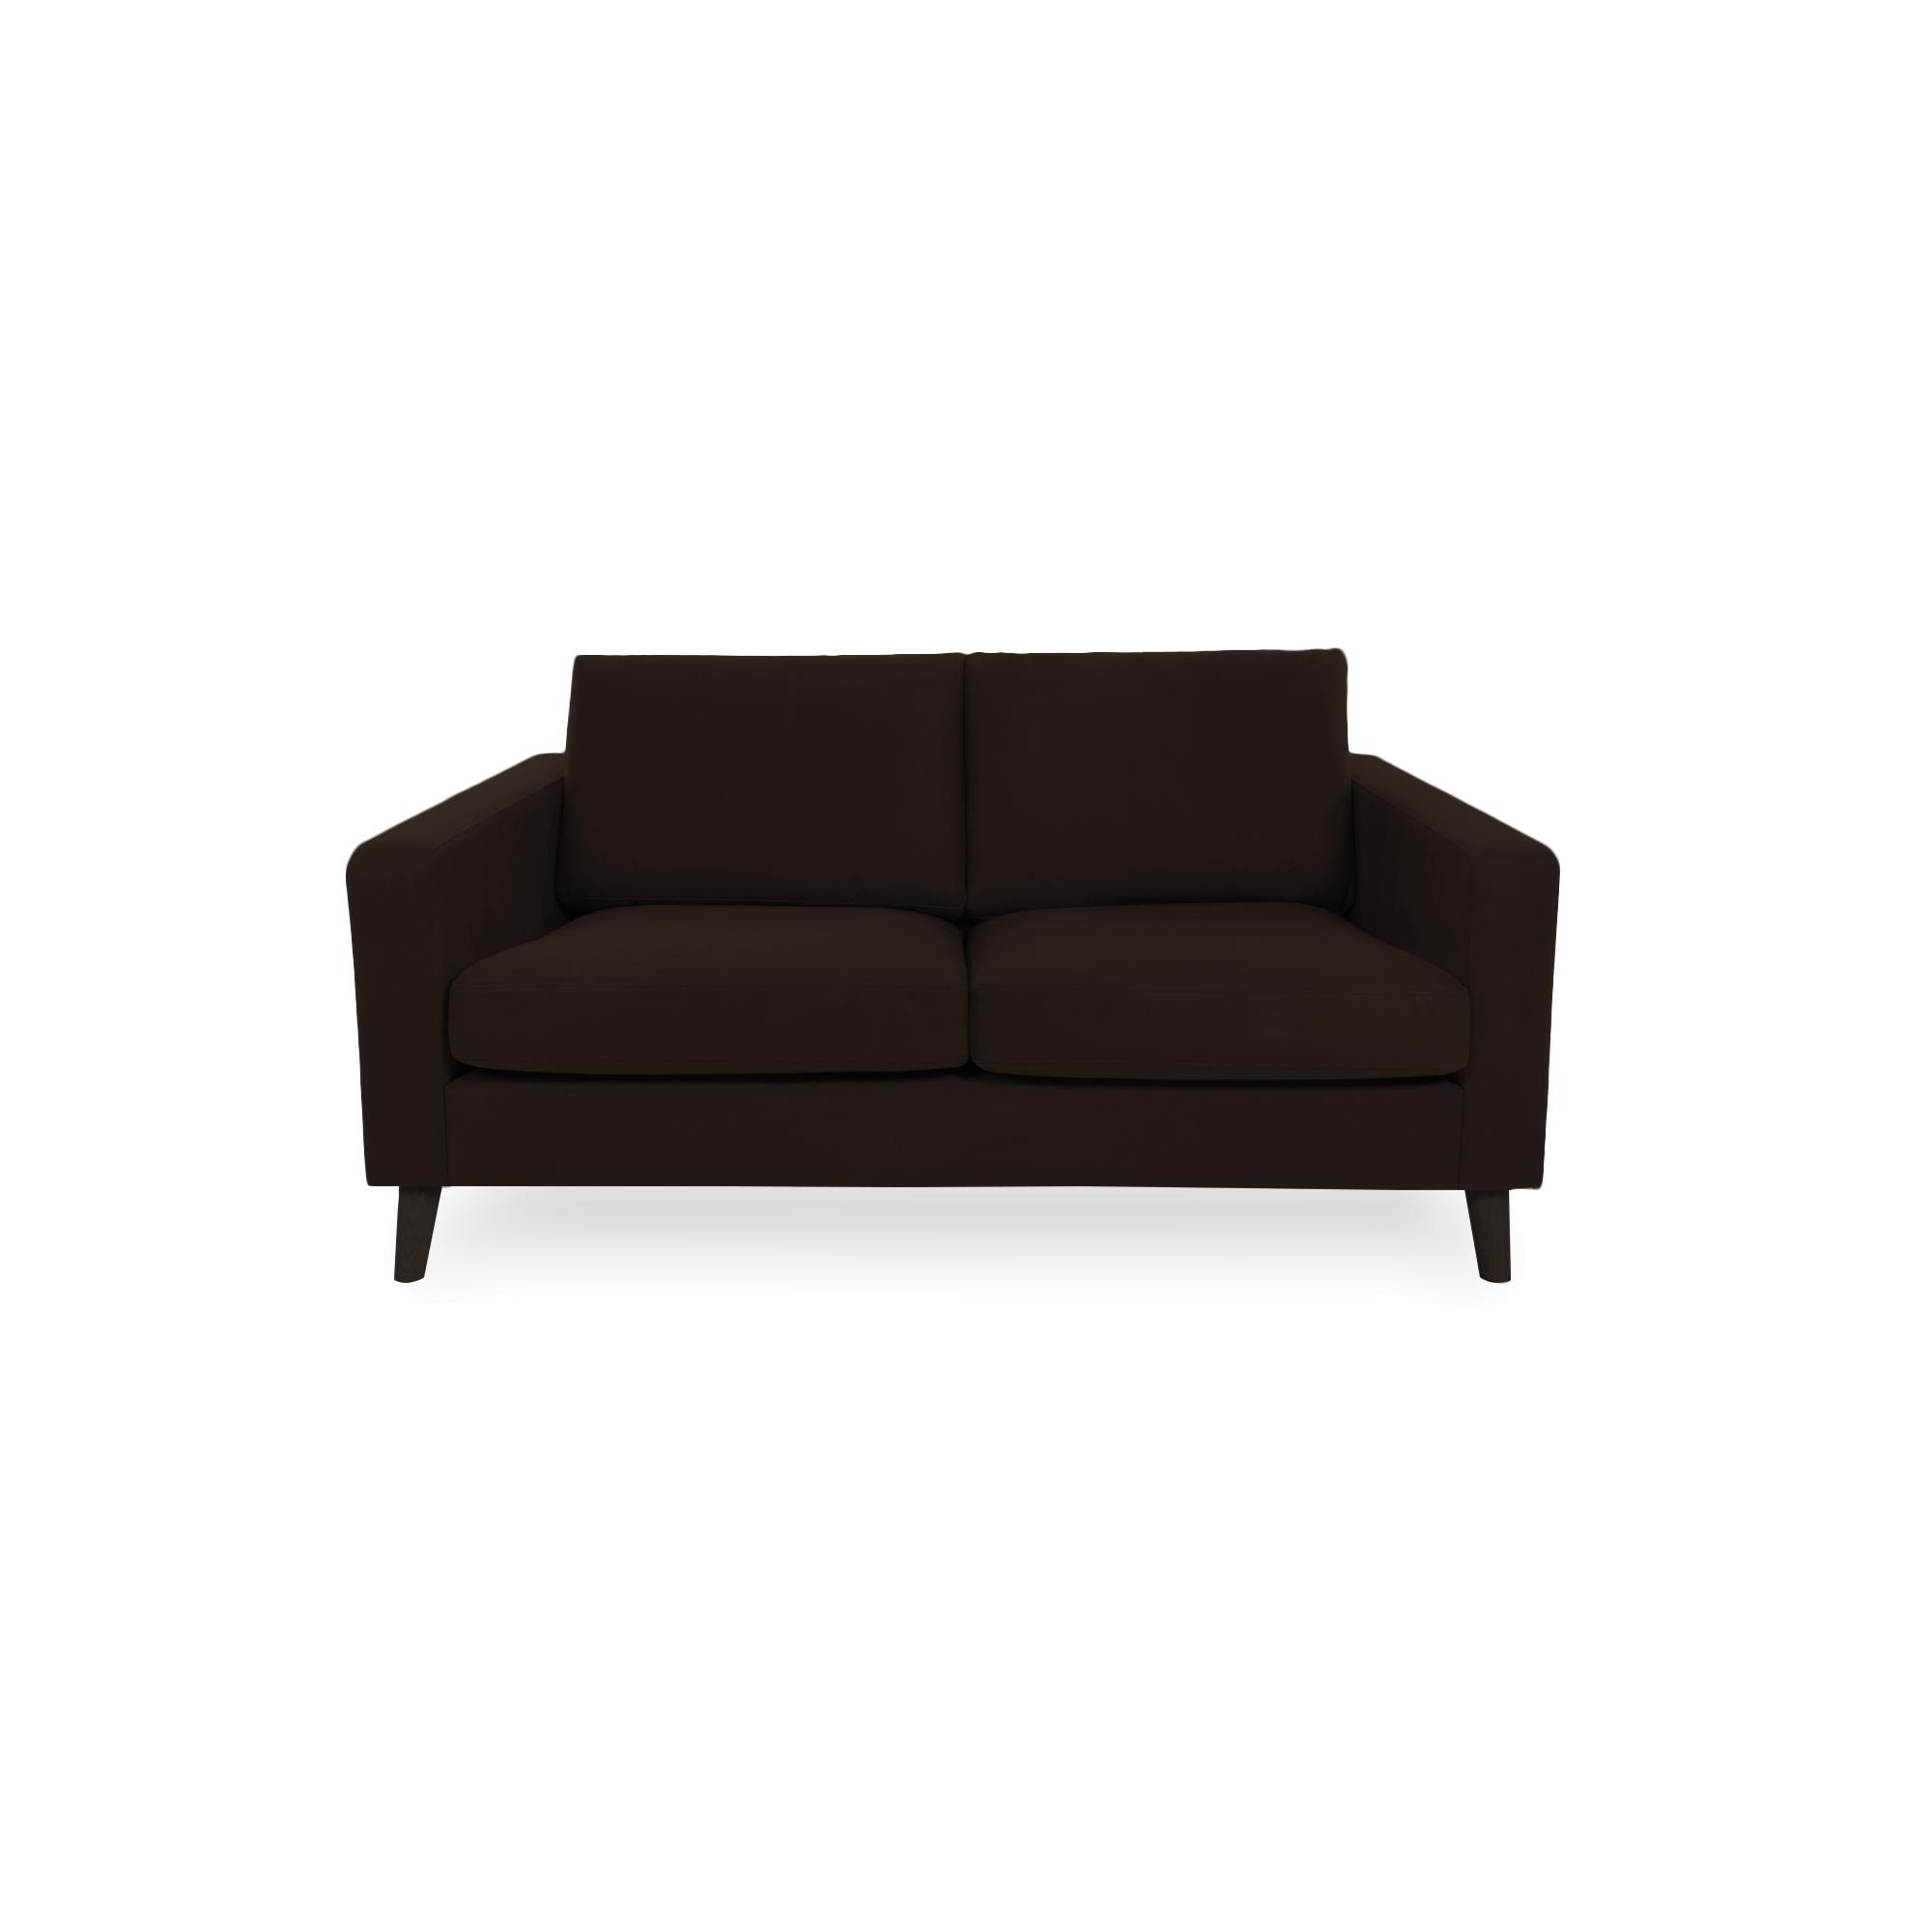 Canapea Fixa 2 locuri Tom Antracit/Black